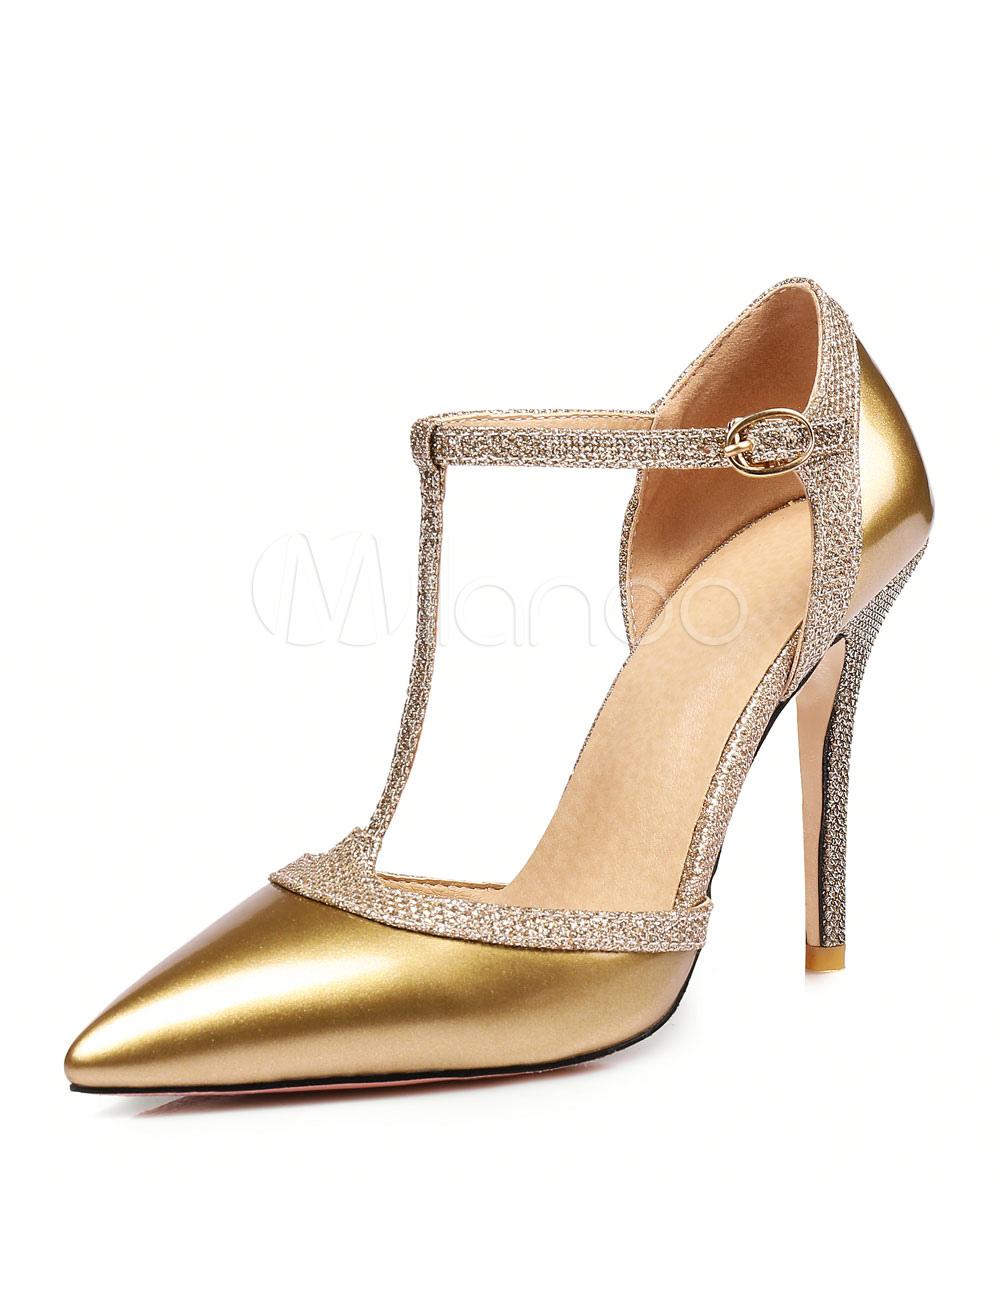 Zapatos de puntera puntiaguada de tacón de stiletto de seda sintética con cristalelegantes Fiesta de bodas 7VRL46fO